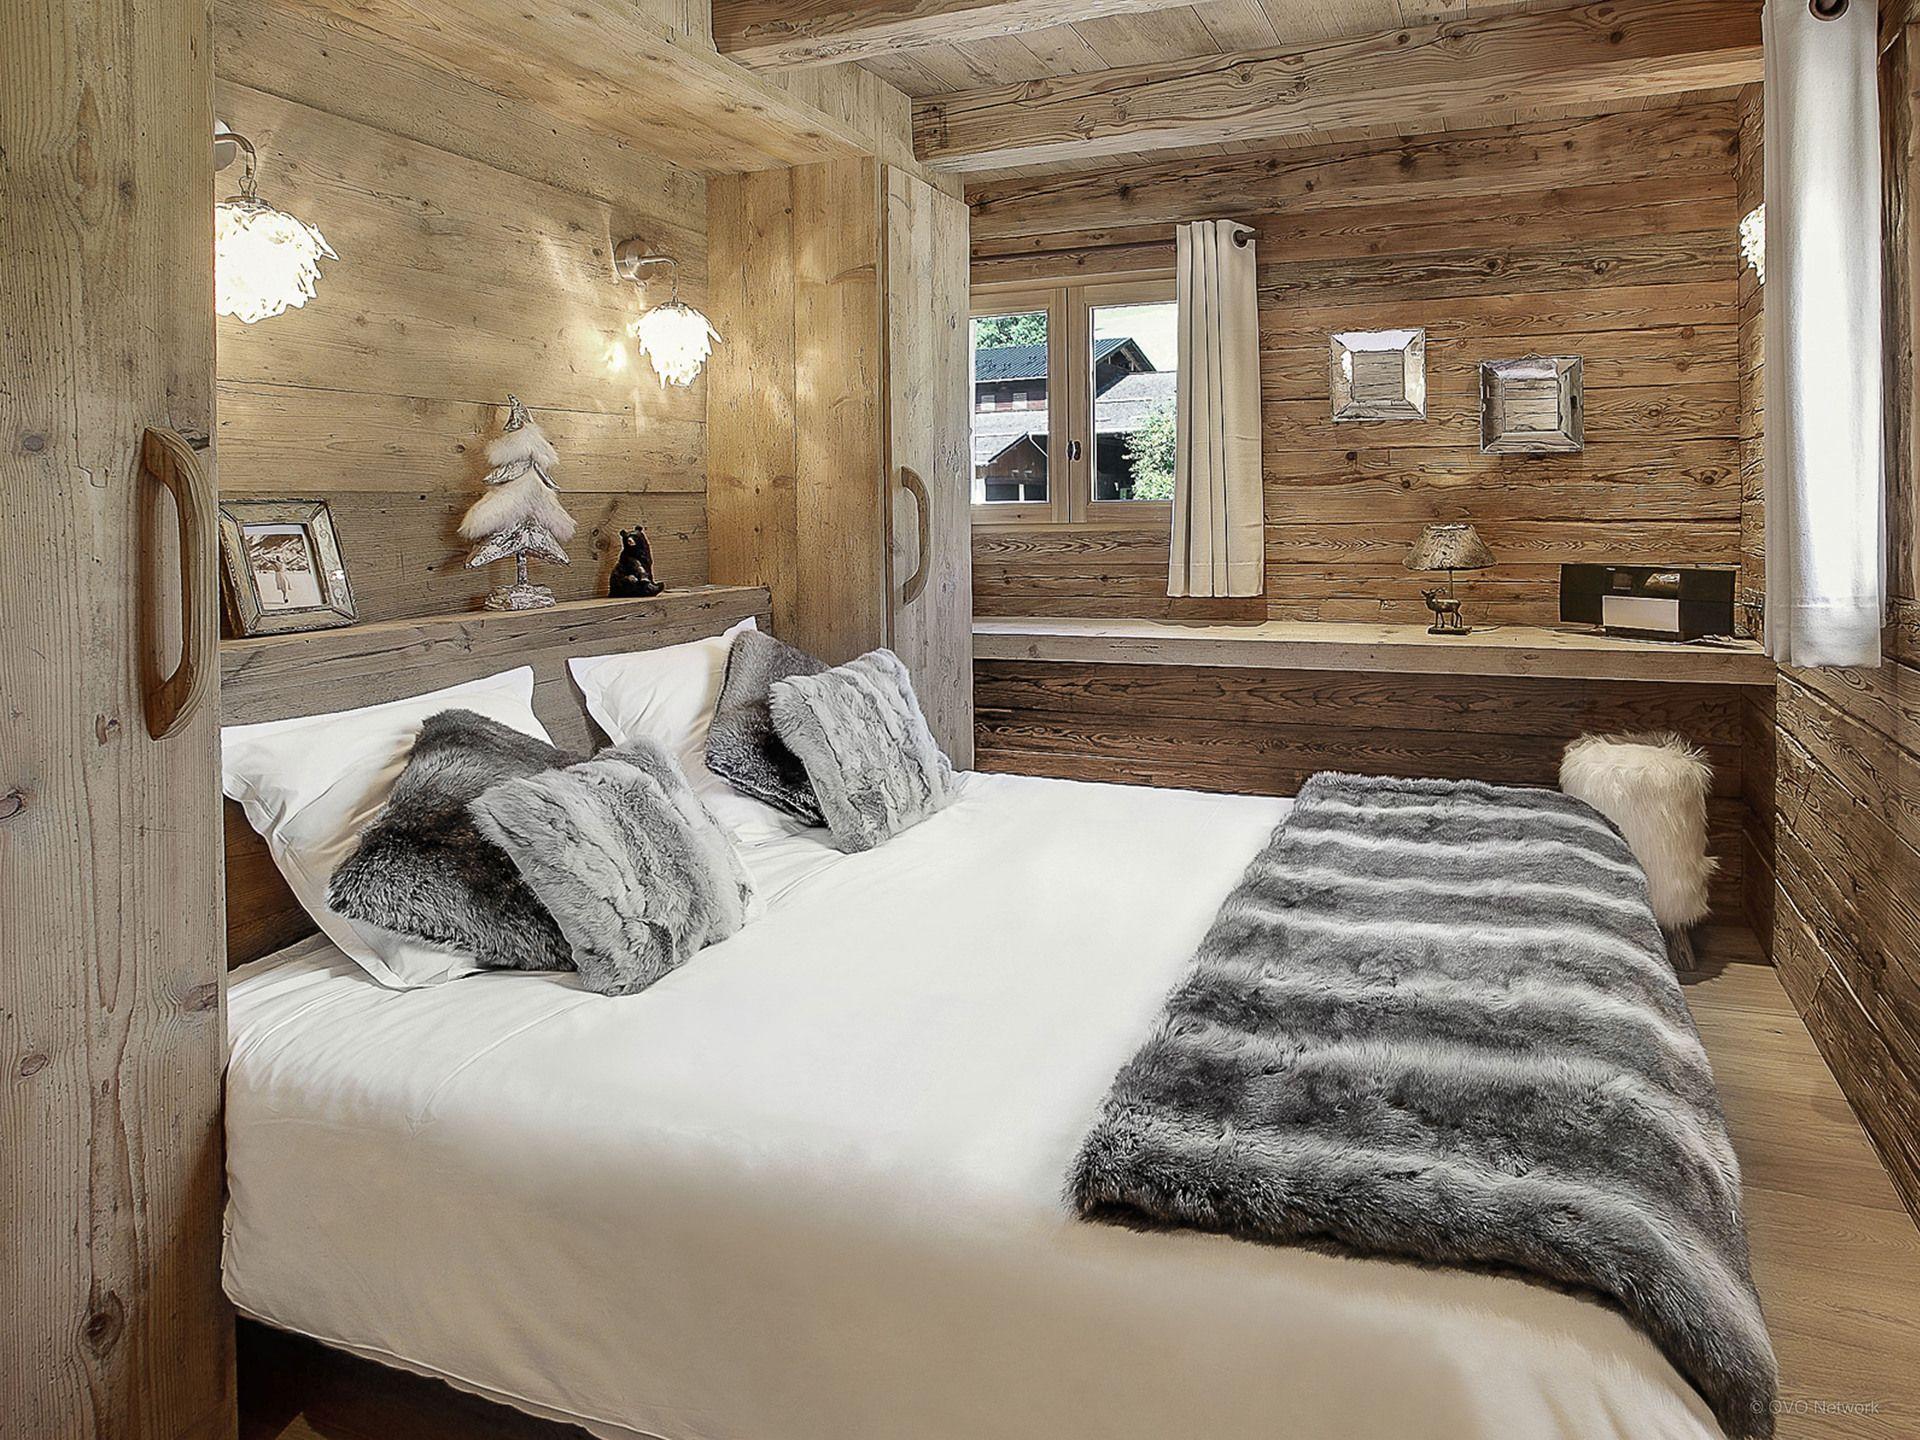 La clusaz chalet luxe ski près des pistes hammam poêle à bois